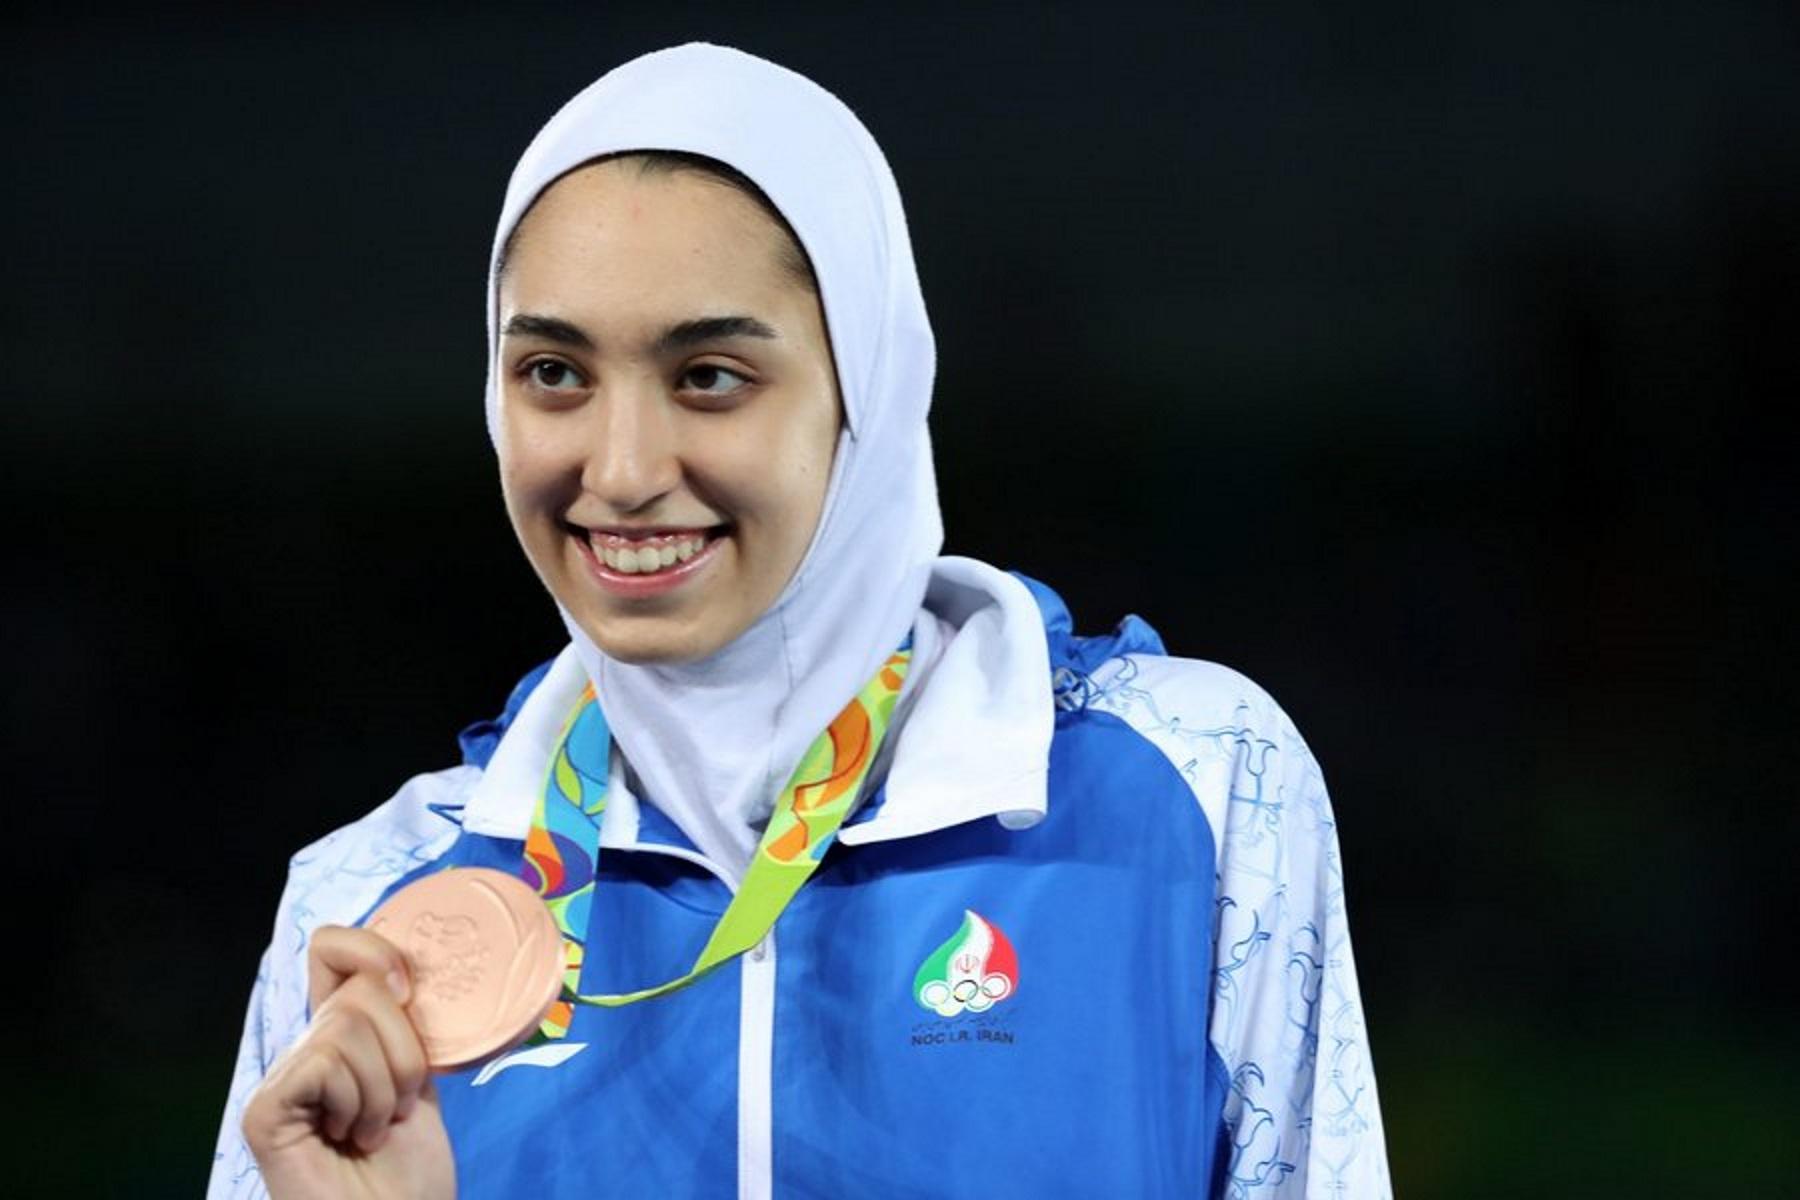 Κίμια Αλιζαντέχ: Εγκαταλείπει το Ιράν η μοναδική γυναίκα Ολυμπιονίκης της χώρας!